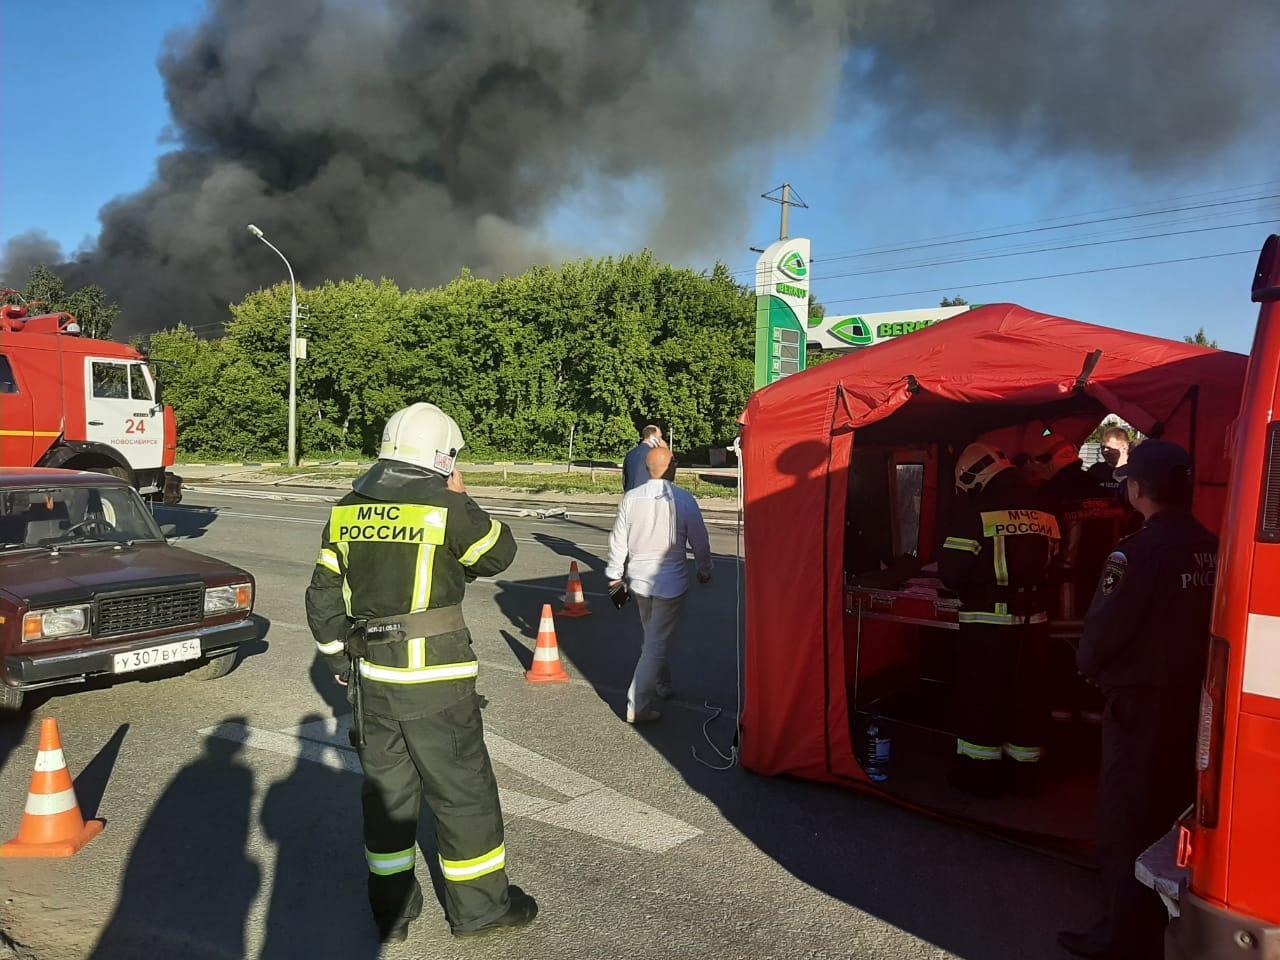 фото «Все люди, рядом проходившие, обгорели»: очевидцы рассказали подробности страшного пожара на АЗС в Новосибирске 2